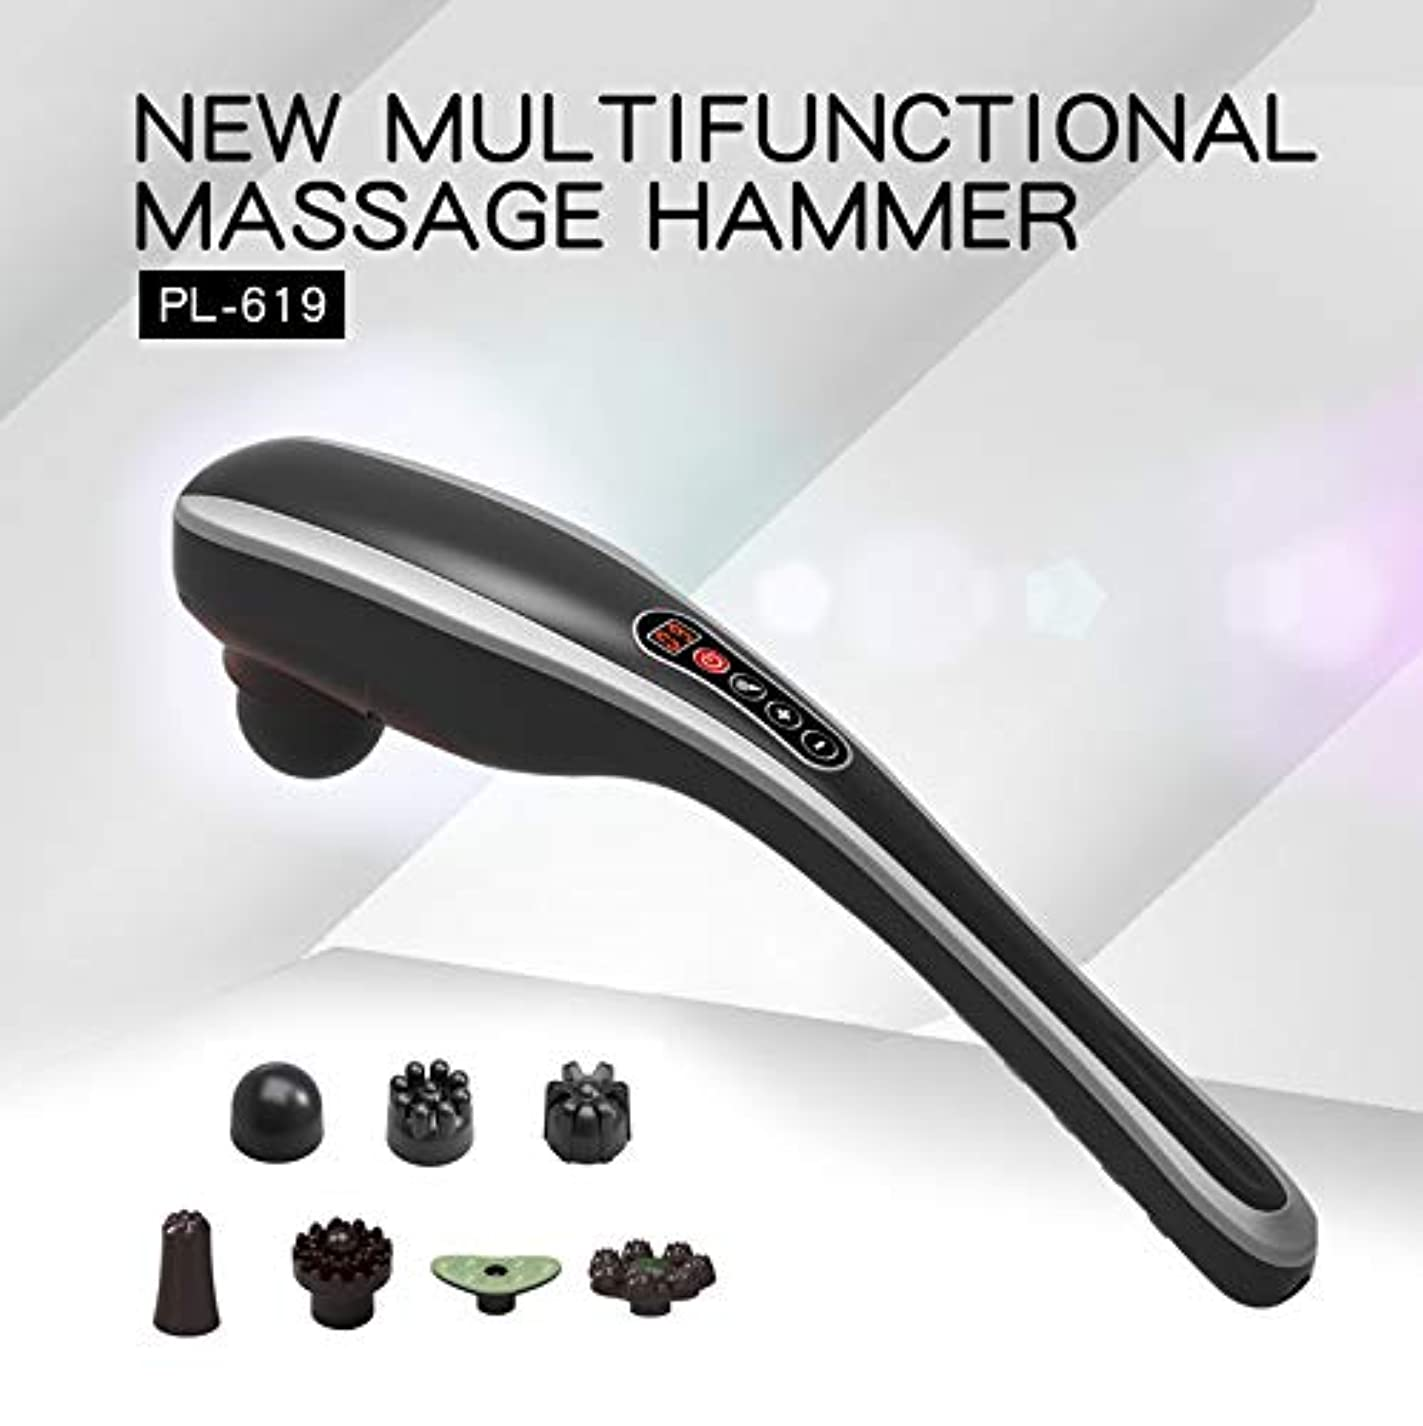 類推なぜ無マッサージャー充電式ハンディマッサージャー - 筋肉のためのワイヤレスエレクトリックパーカッションフルボディディープティッシュマッサージ、首、肩、背中、足、脚、ふくらはぎ,A